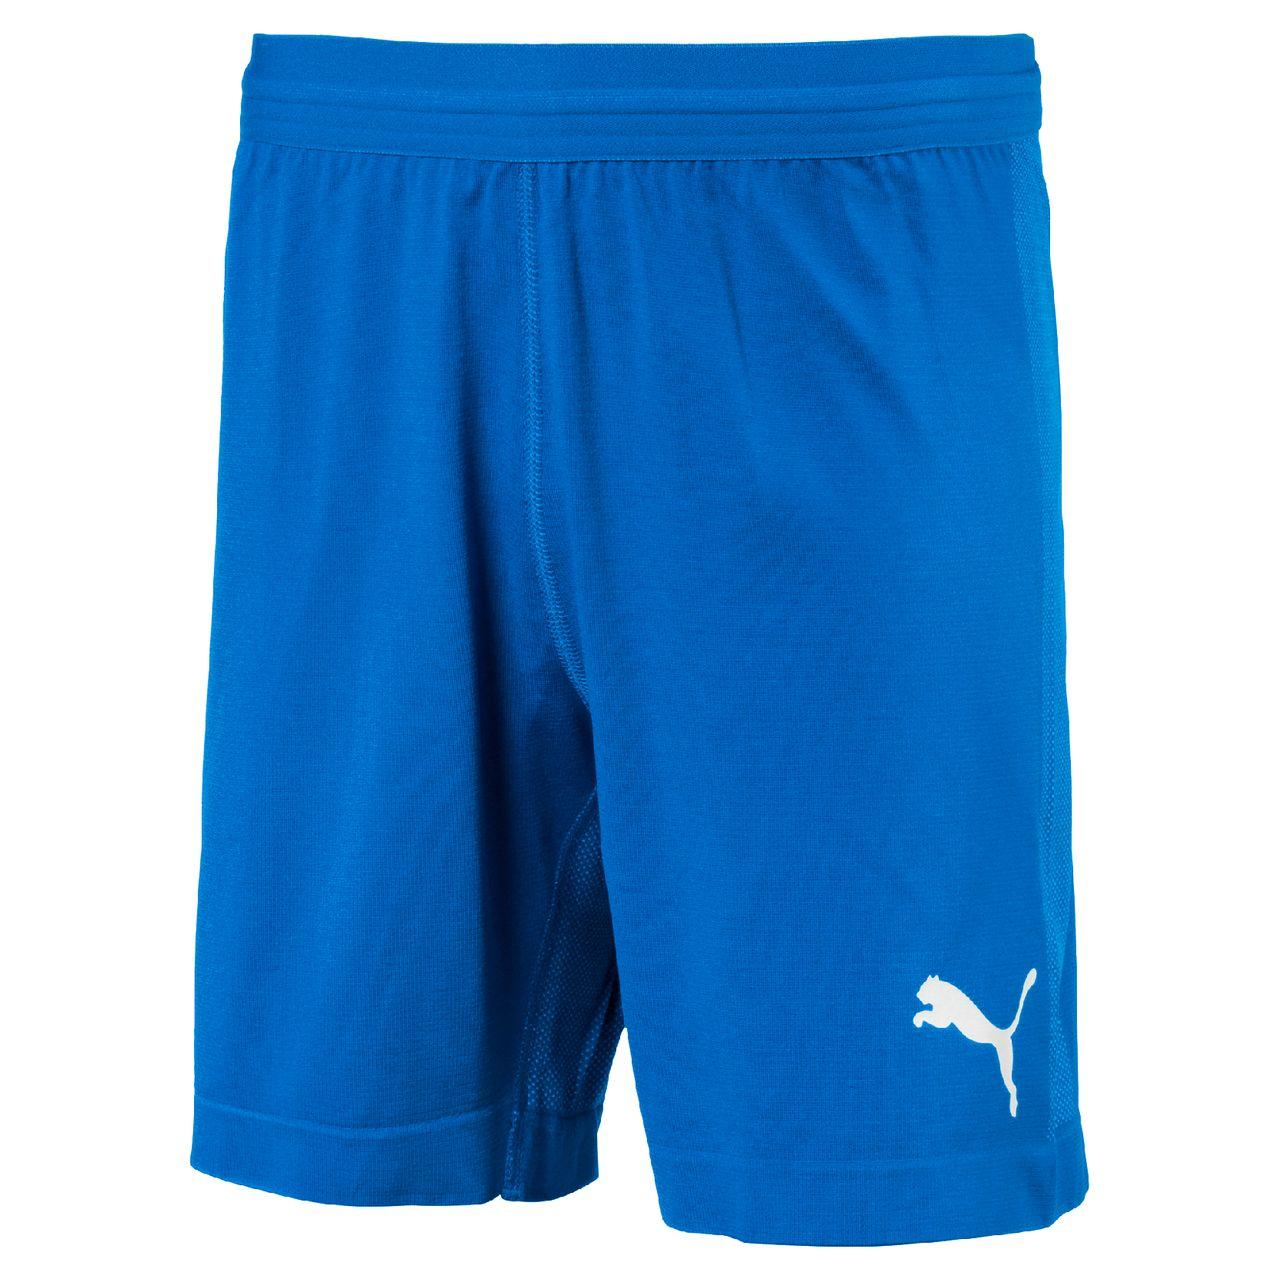 PUMA FINAL evoKNIT Shorts Jr